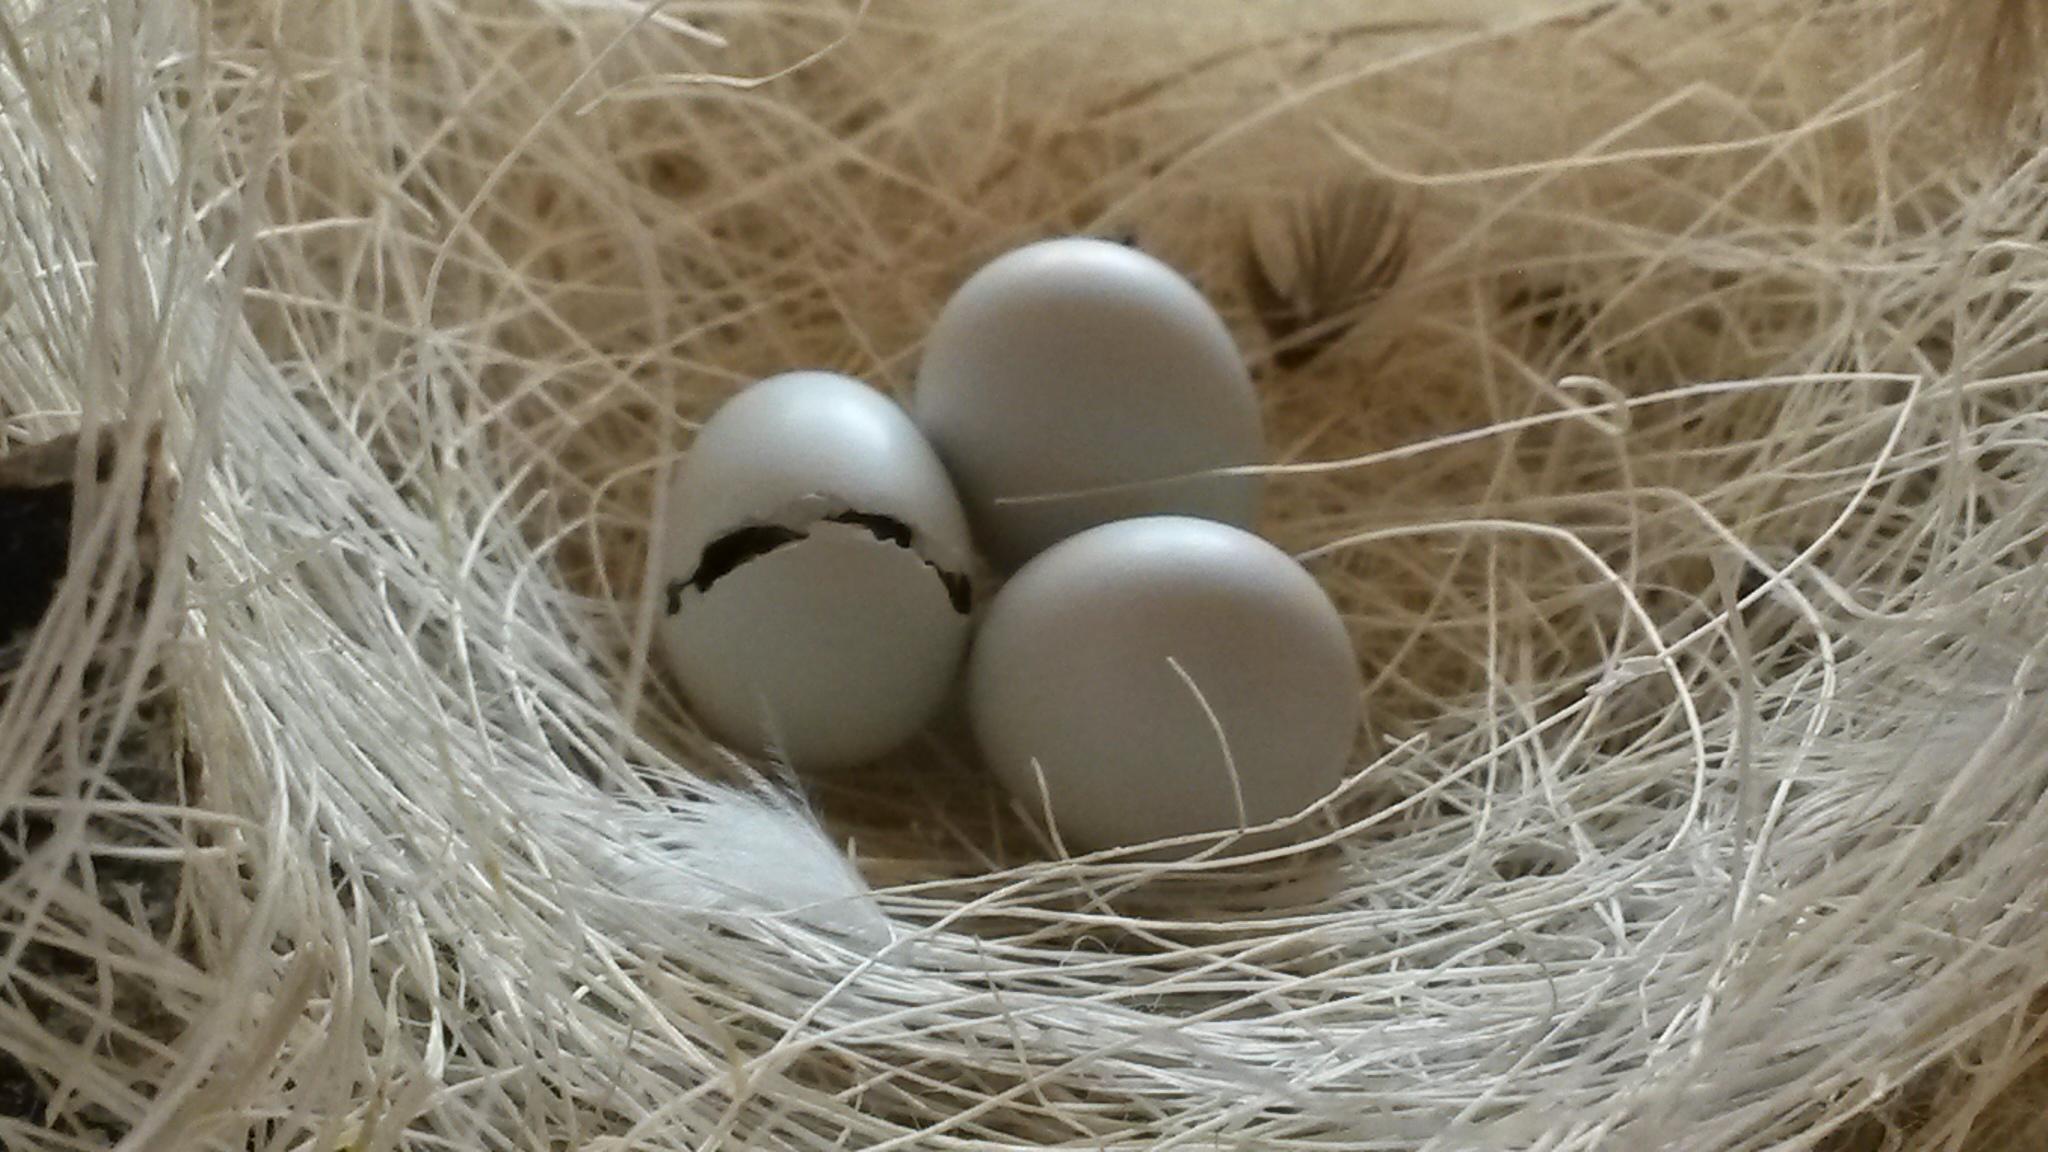 سبحان الله تفقيس بيضة طائر موندار زيبرا فينش ZEBRA FINCH